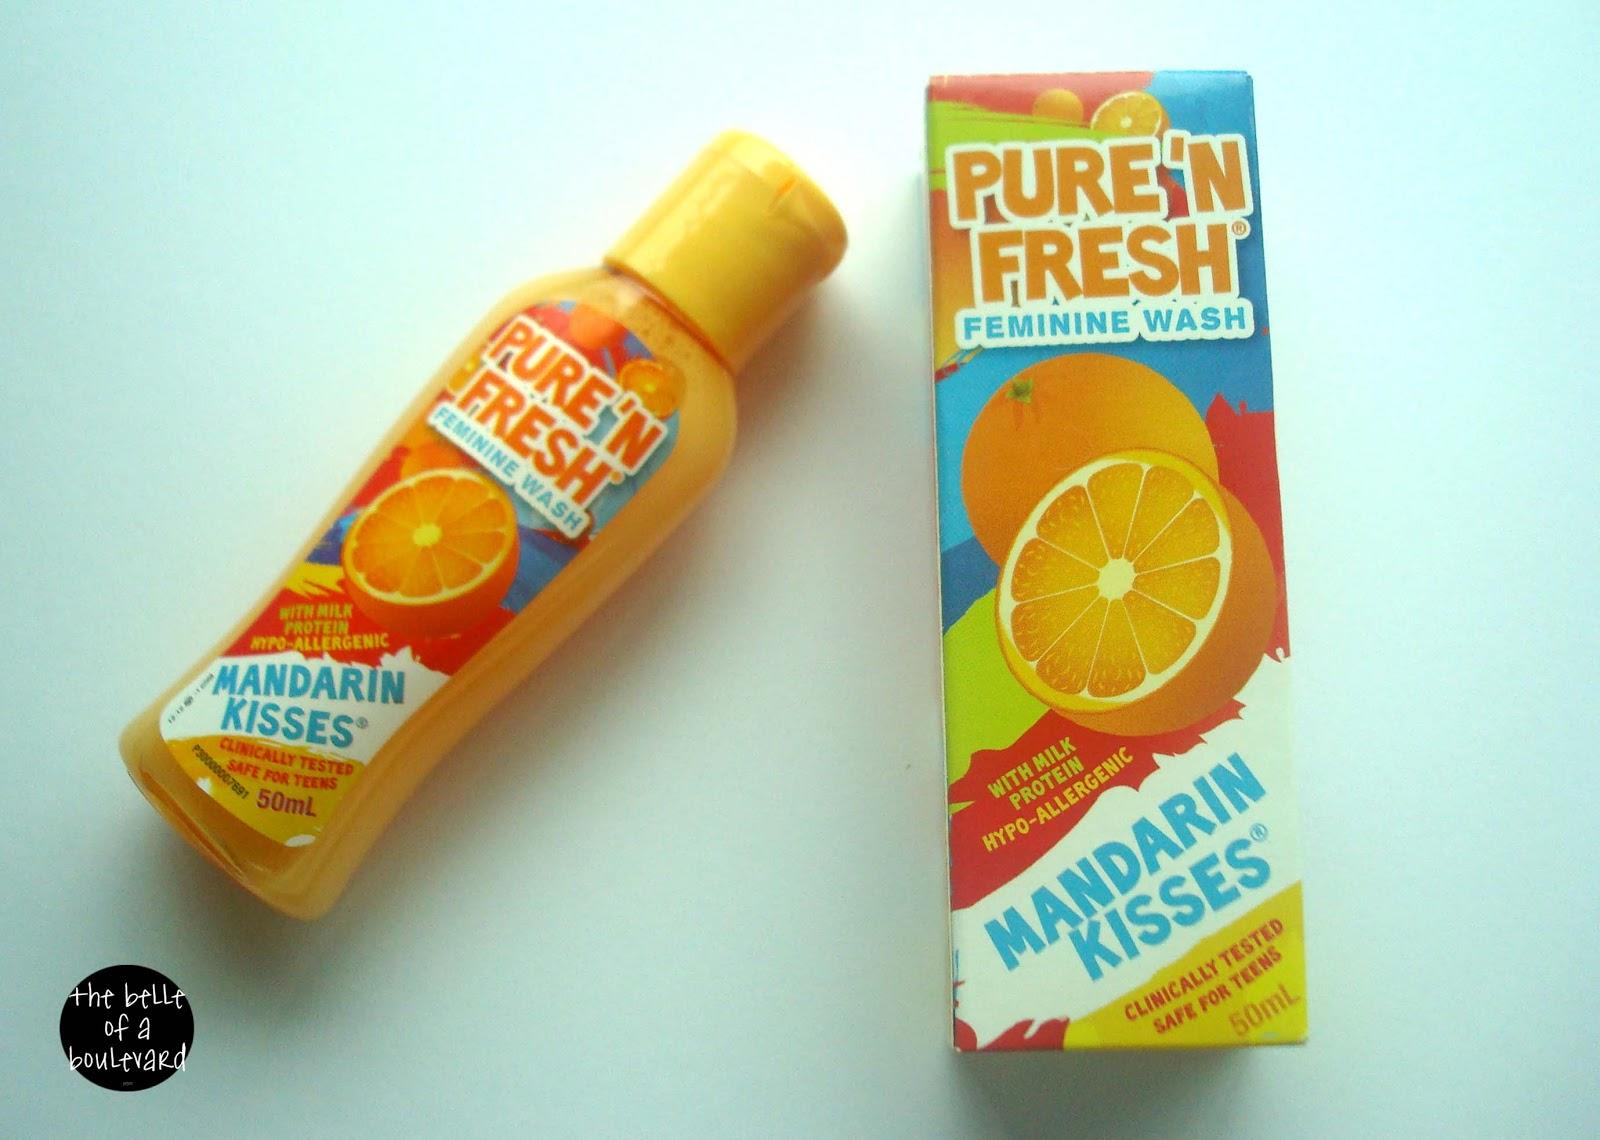 Pure 'N Fresh Feminine Wash For Teens